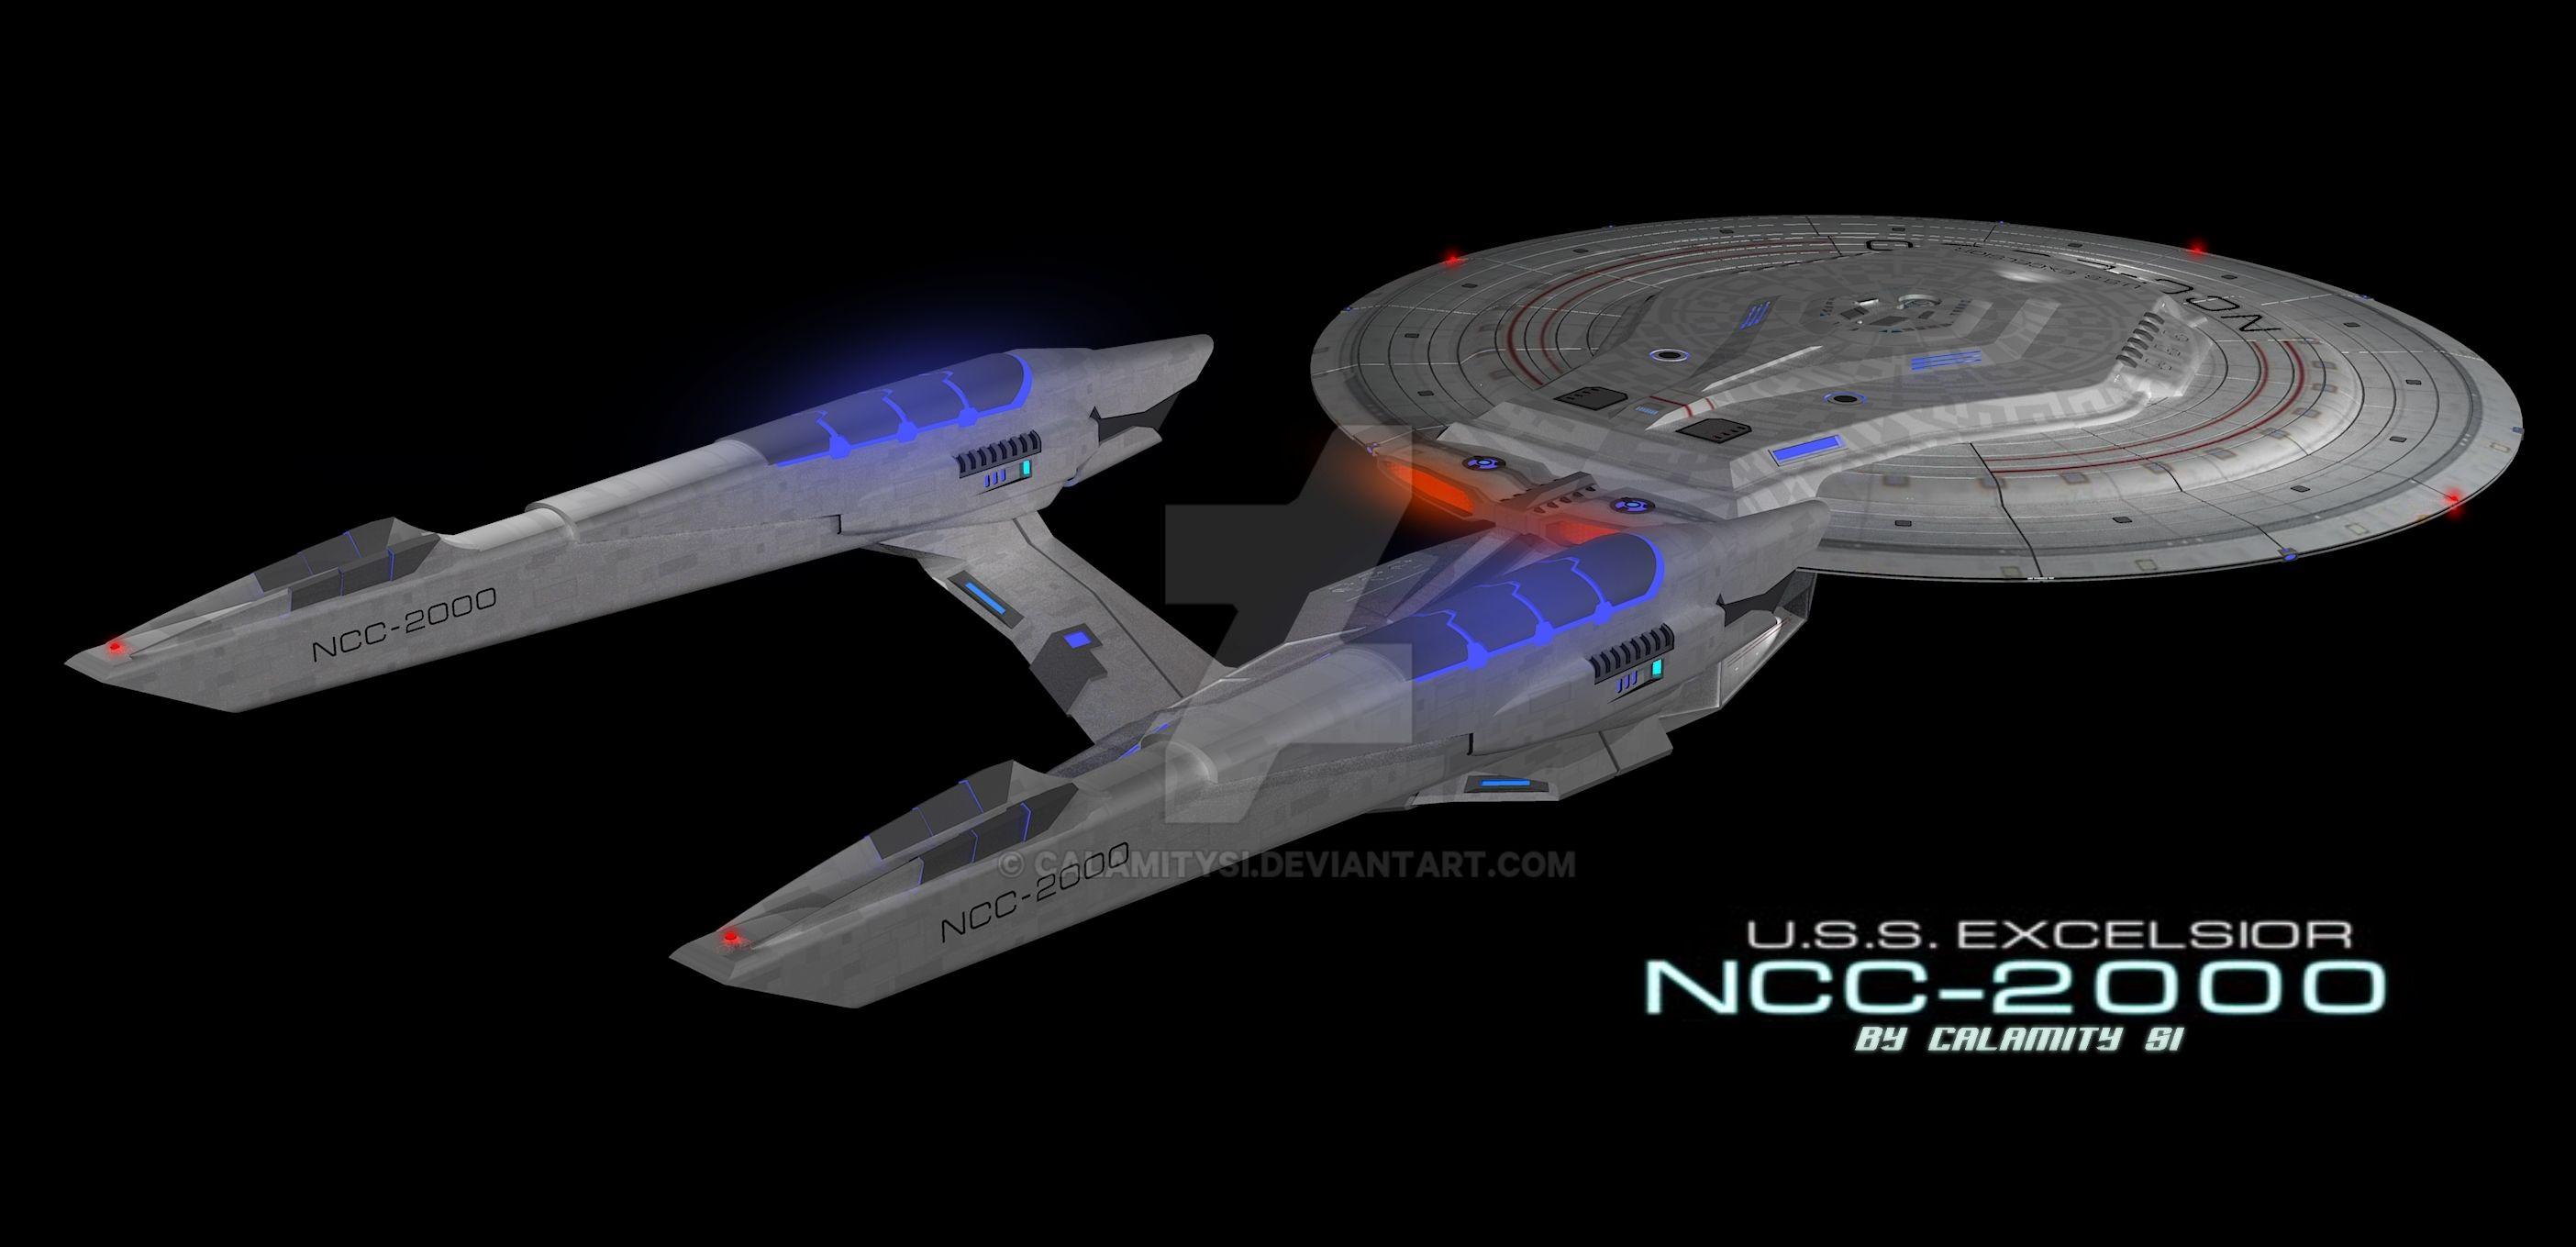 Star Trek Excelsior Paint Job